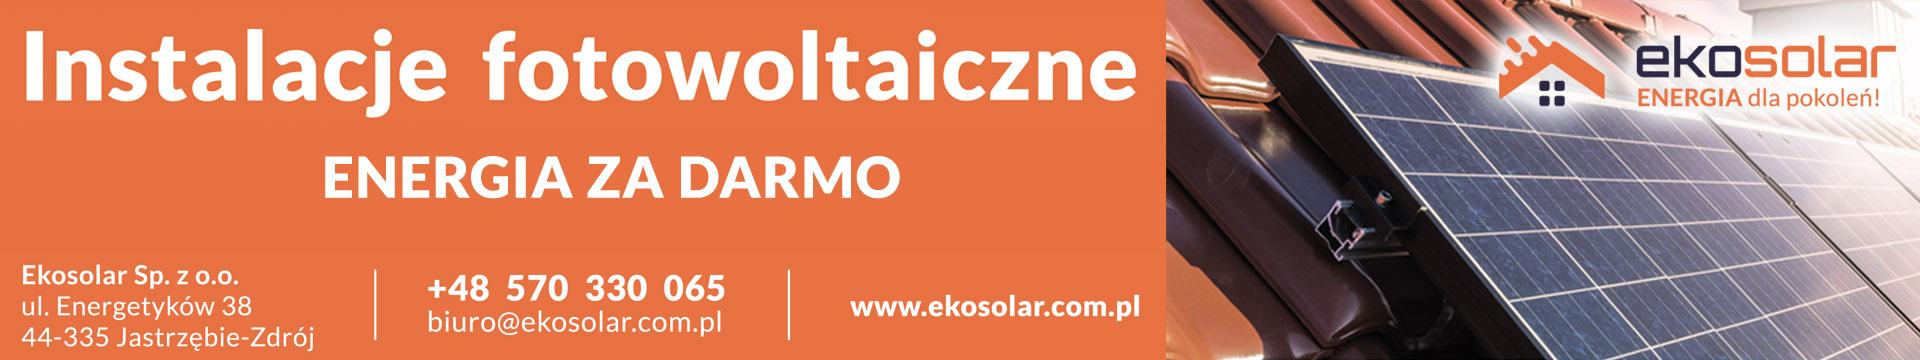 Ekosolar2_desktop